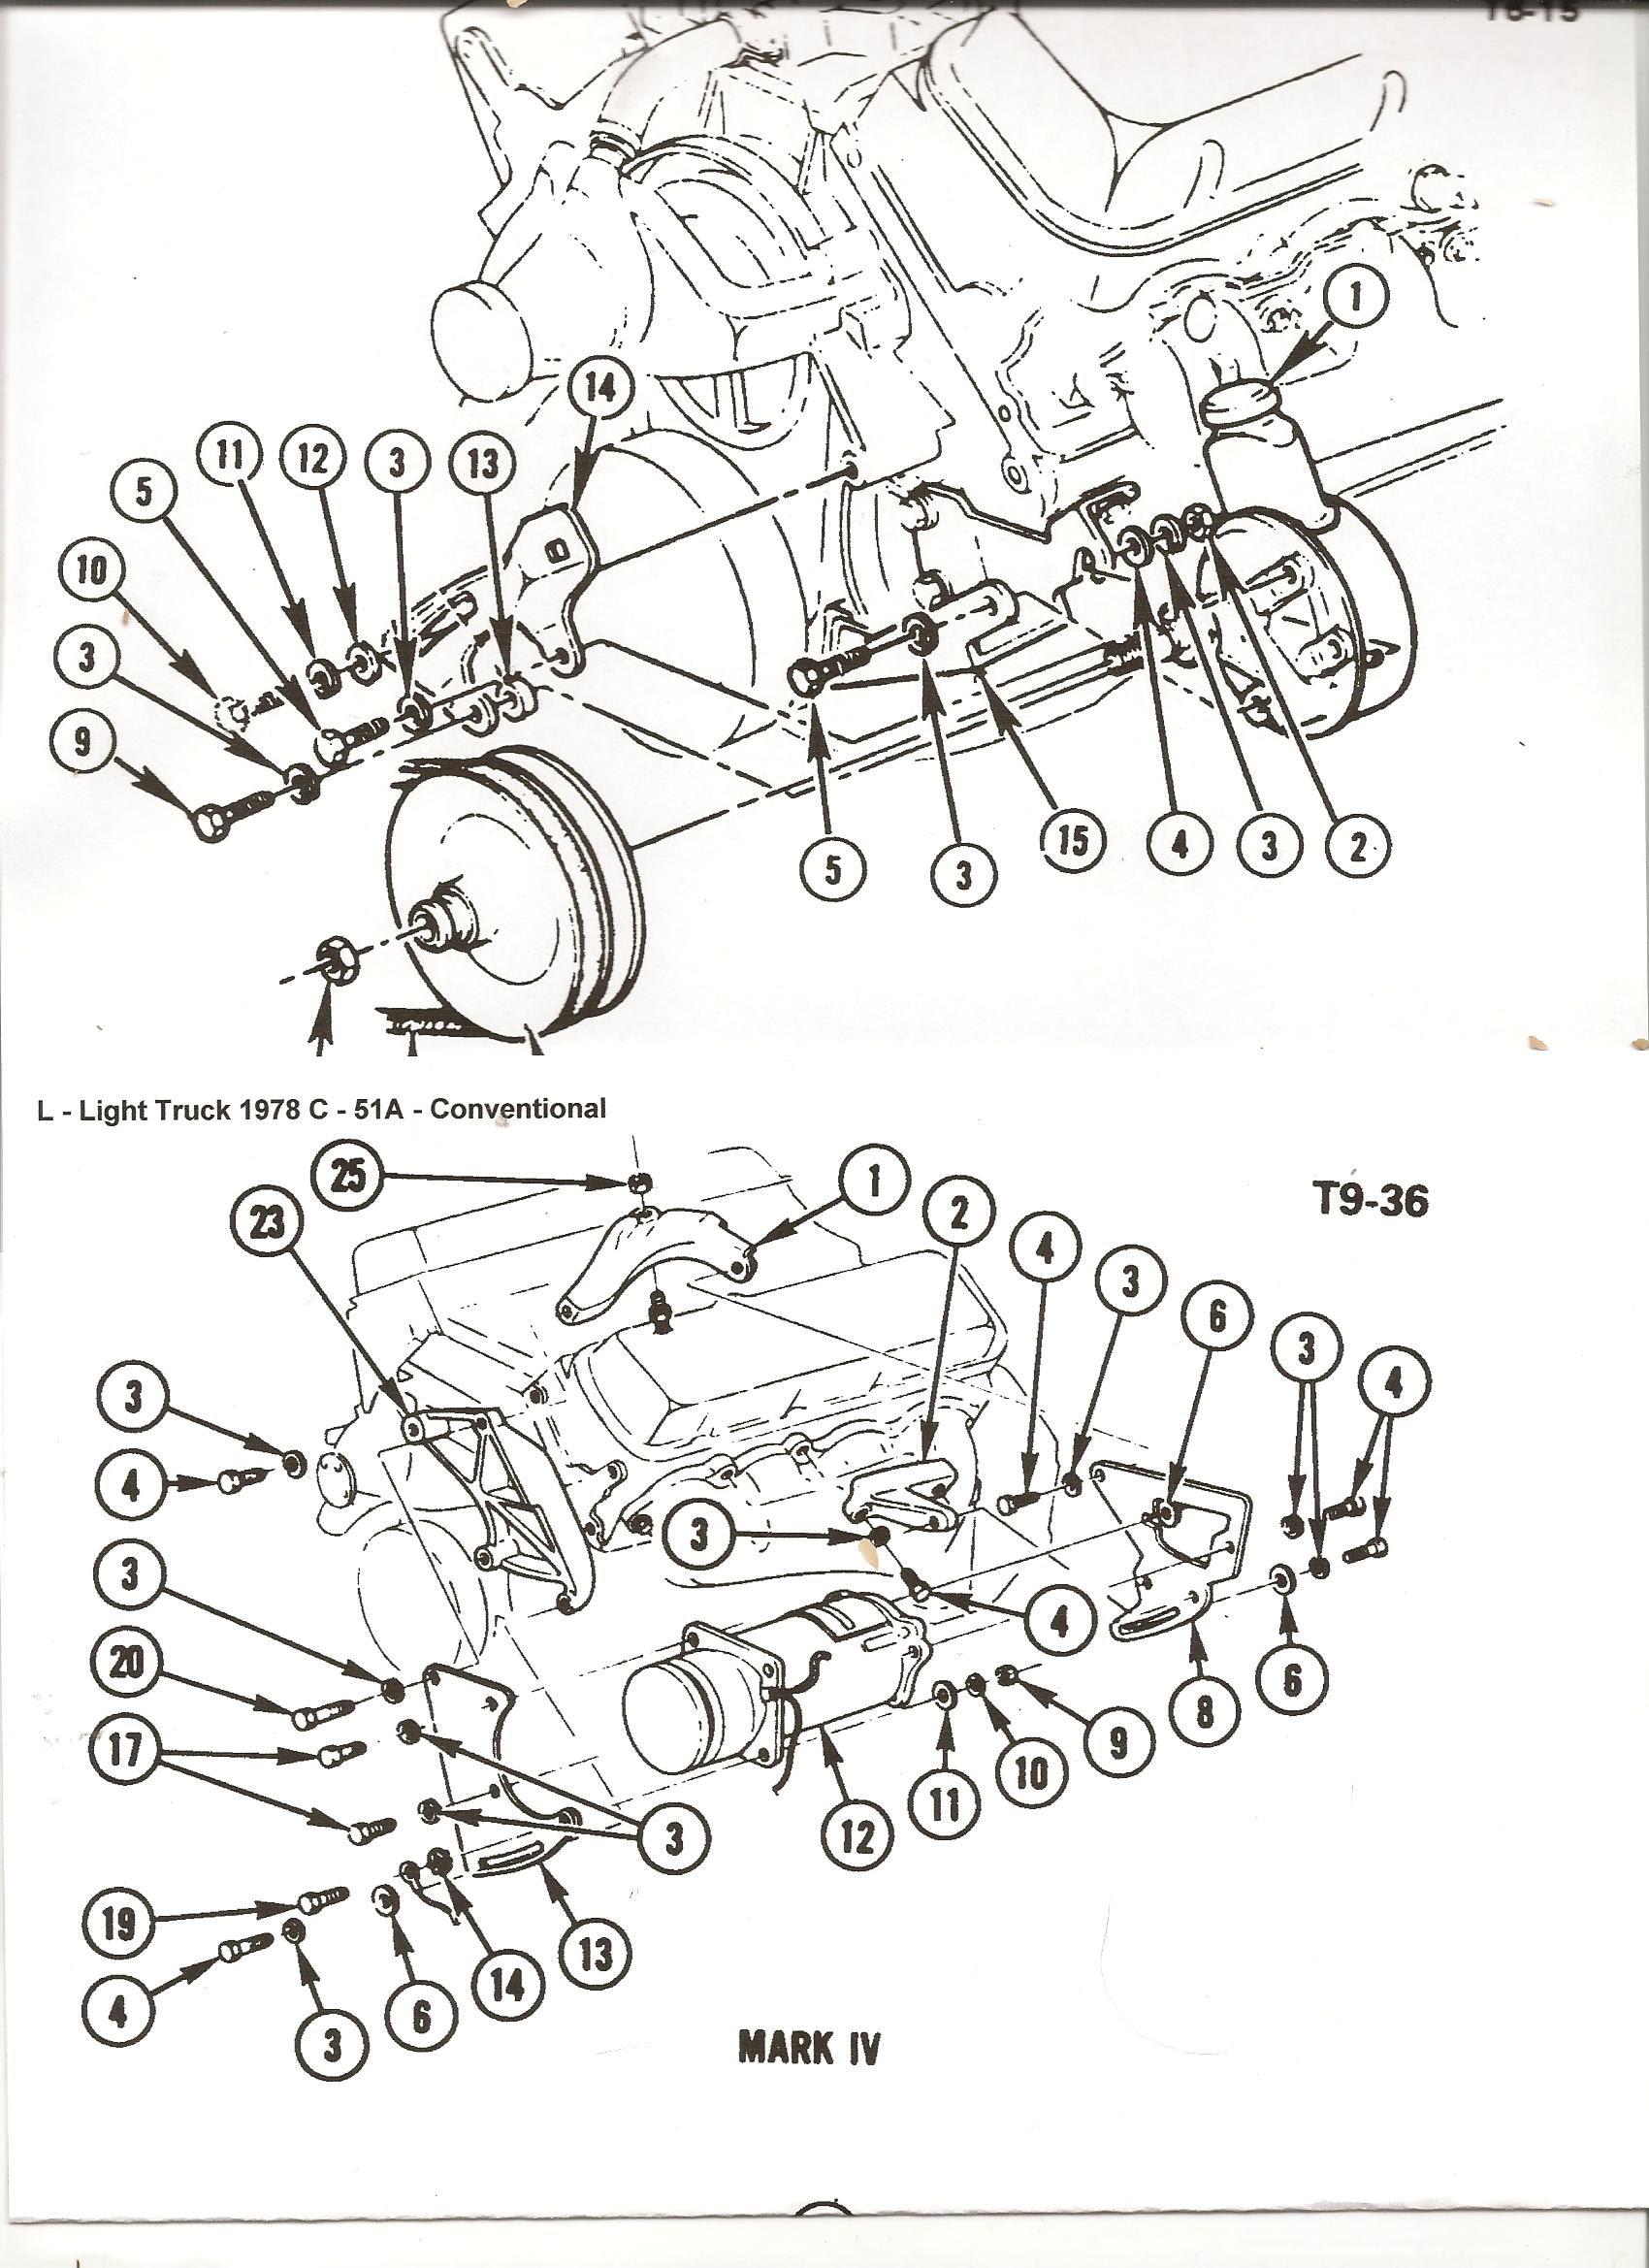 1995 Chevy 454 Vortec Engine Diagram Wiring Diagram Center Star Path Star Path Tatikids It